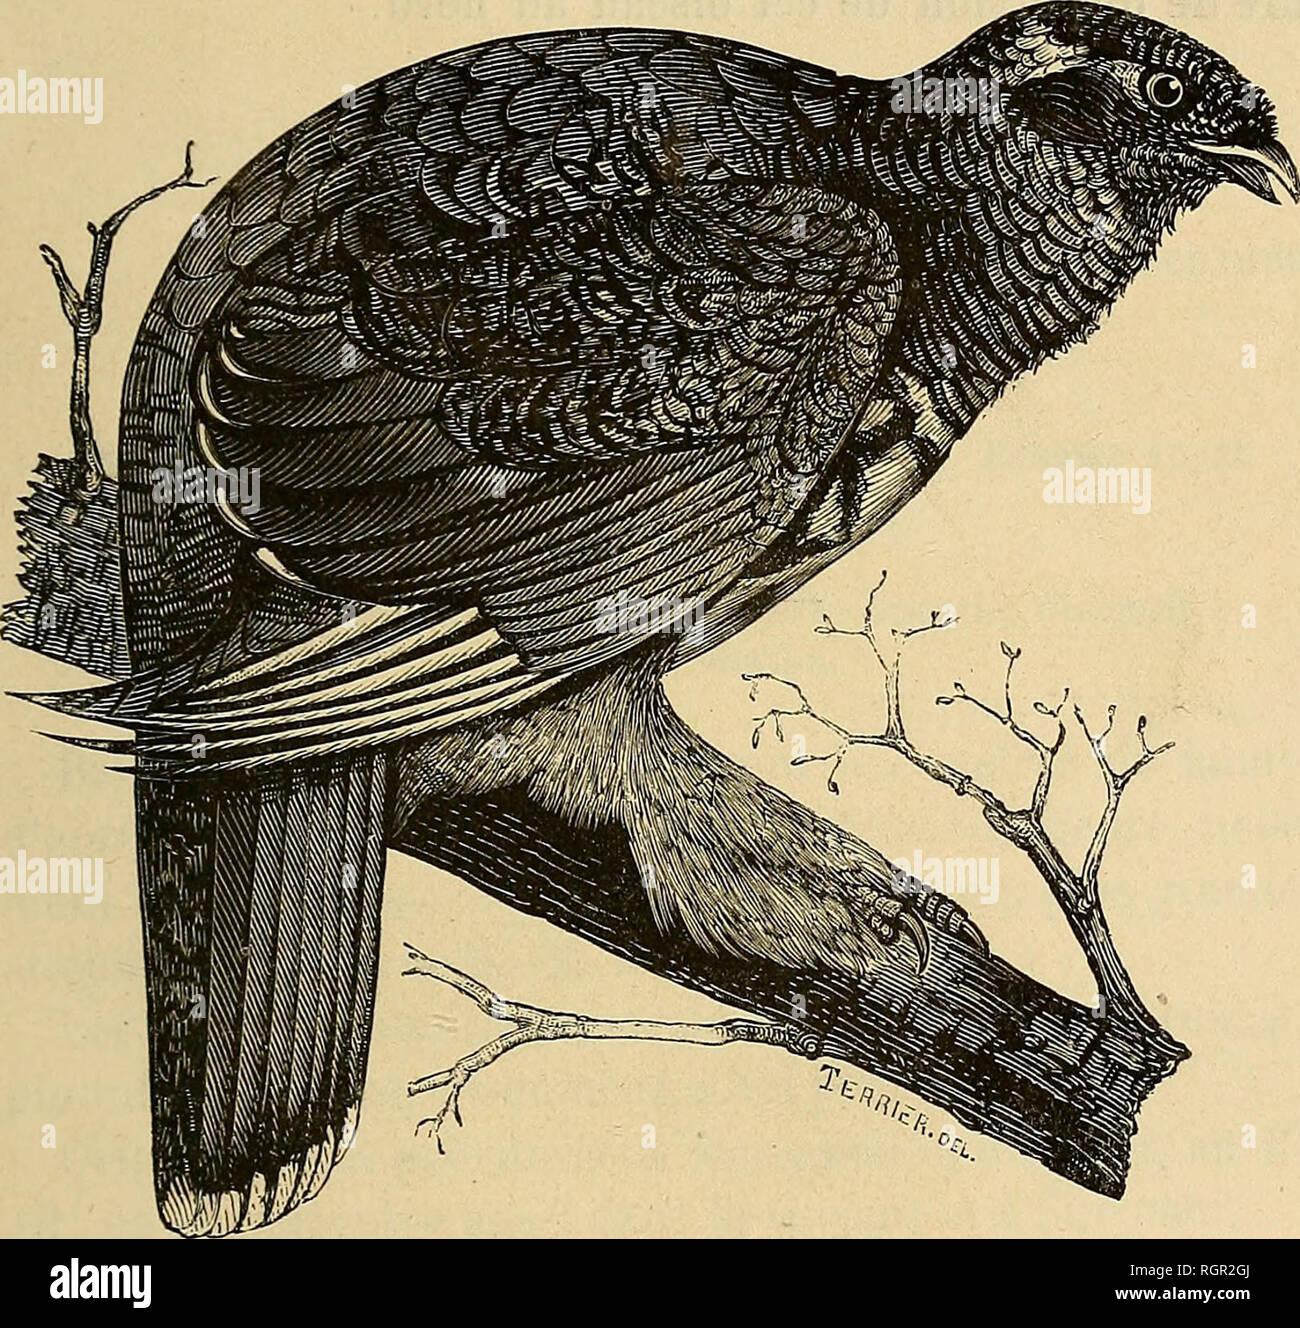 . Bulletin de la Société nationale d'acclimatation de France. Zoology. OISEAUX A ACCLIMATER. 739 Tétras falcipenne (Tétras falcipennis Harllaub). Tetrao falcipennis, Hartlaub, Journ. Omith. (1855), p. 39. — Canace falci- pennis, Bonaparte, Conipt. rend. Acad. se. (1855), t. XLII, p. 883. — Falcipennis Hartlaiibi, EUiot, Mon. of Tetraoninae, pi. Lorsque nous nous sommes occupé des Tétraonides de la Chine, nous avons dit qu'il est possible que l'on rencontre. Tétras ^alcl^penne {Tétras falcipennis Hartlaub). sur les frontières septentrionales de cette vaste région l'oiseau dont il est ici questi - Stock Image